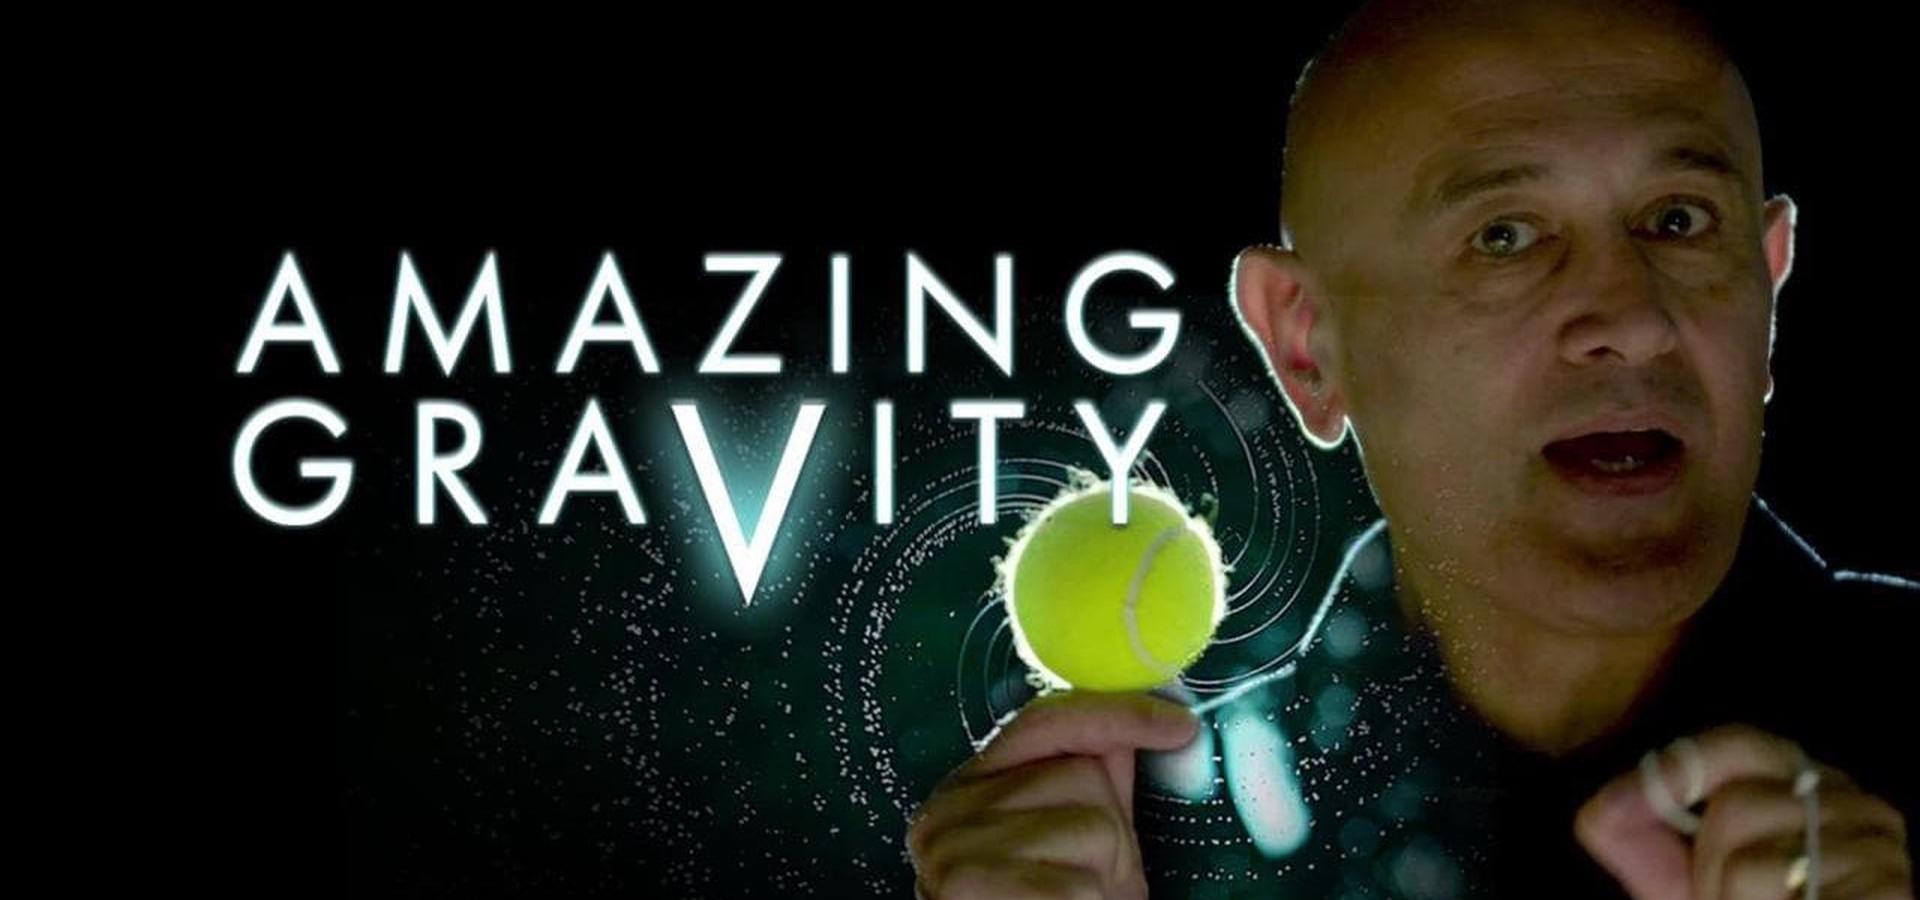 Amazing Gravity